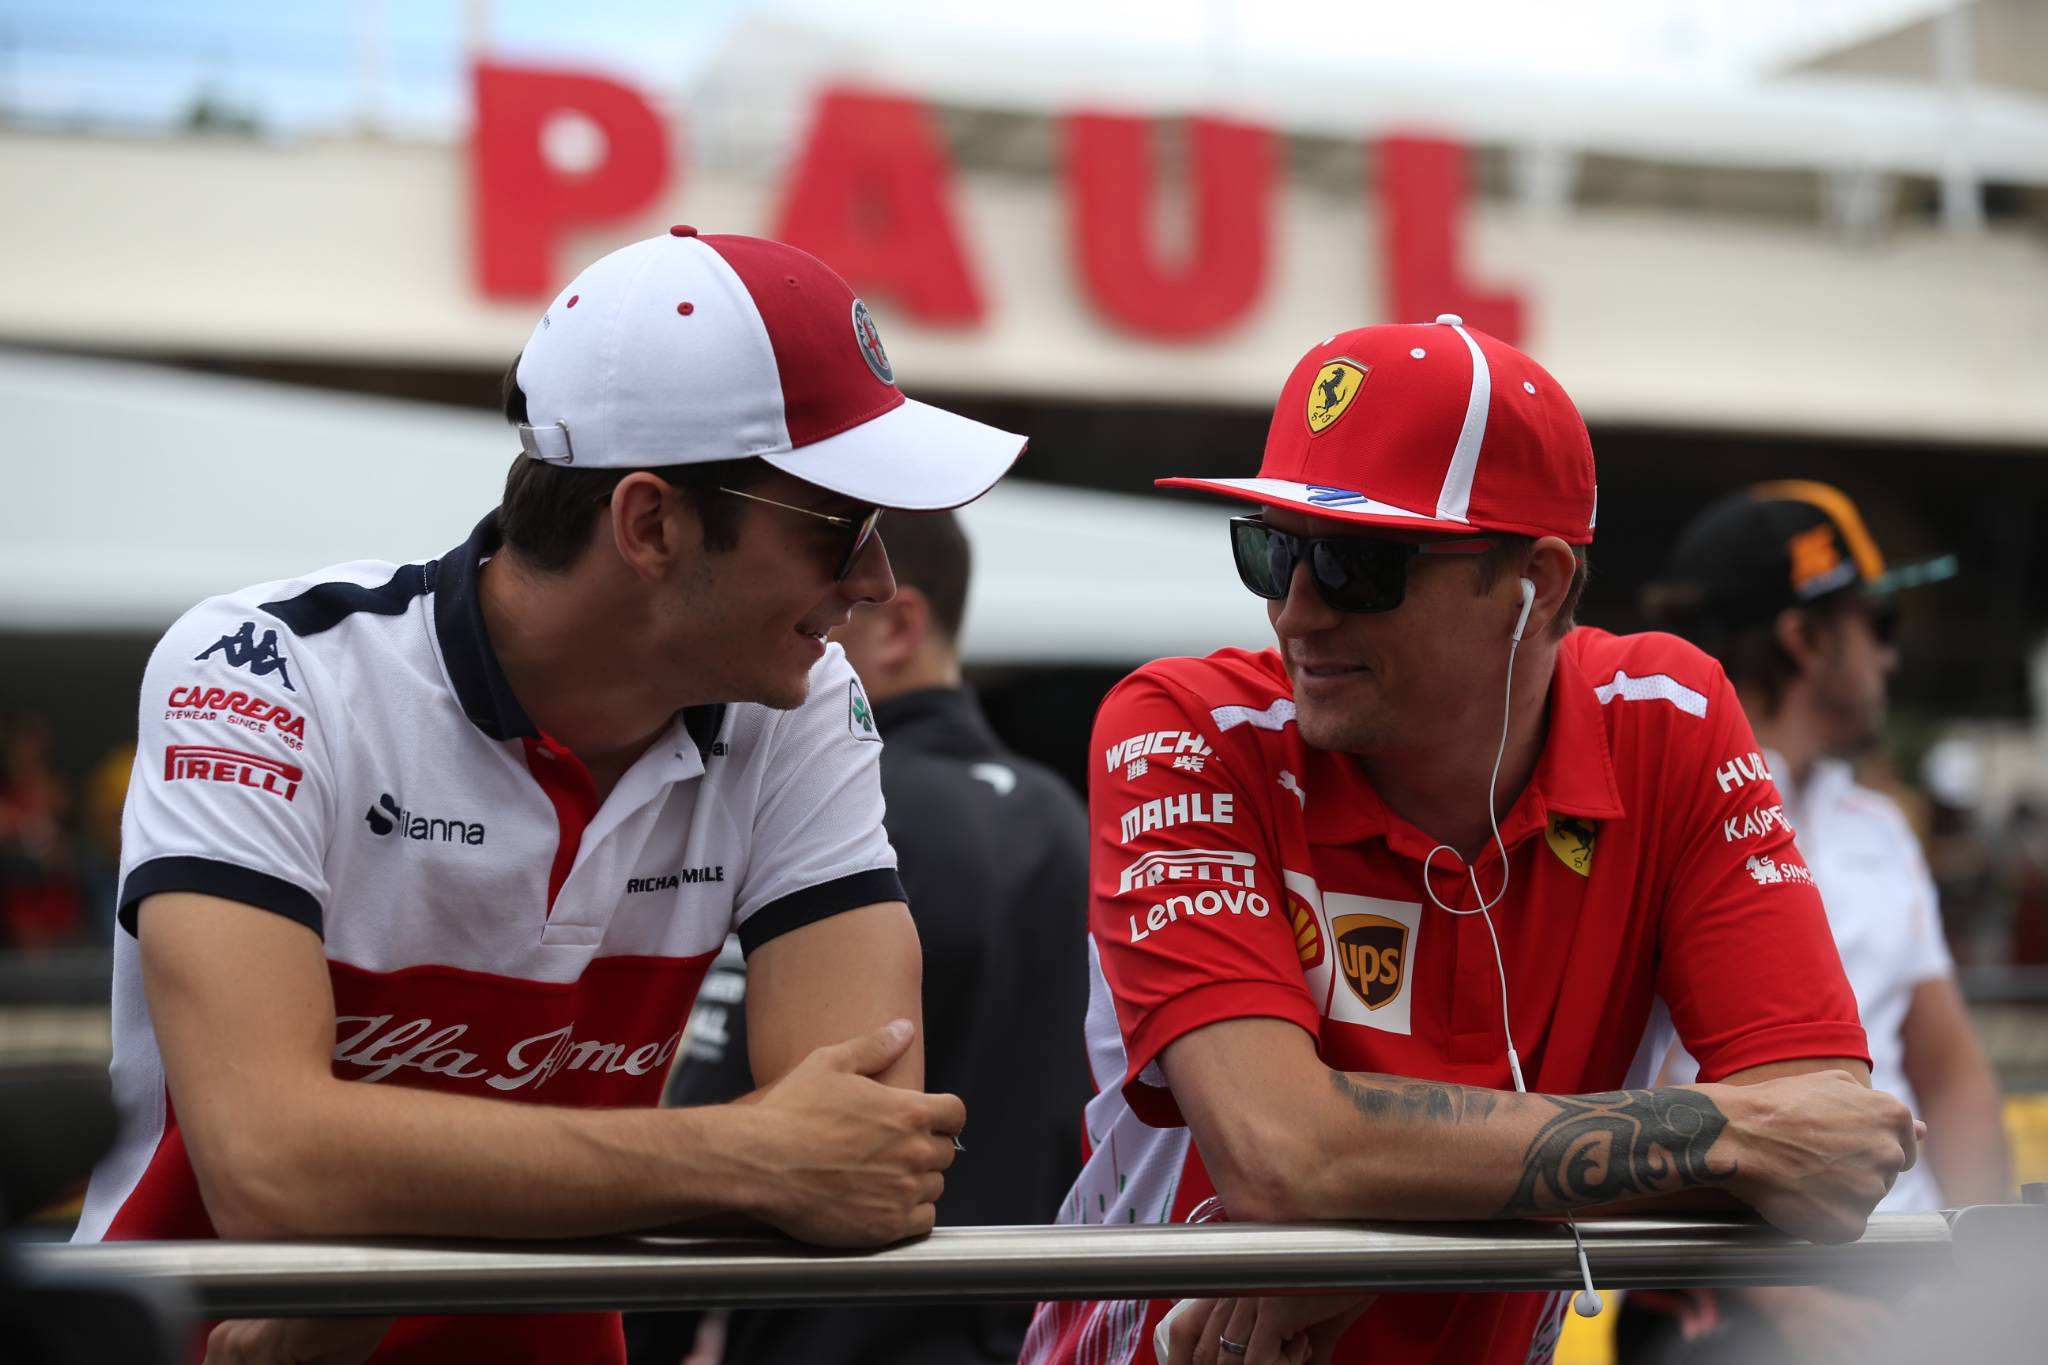 24.06.2018- Driver Parade, Kimi Raikkonen (FIN) Scuderia Ferrari SF71H with Charles Leclerc (GER) Alfa Romeo Sauber C37